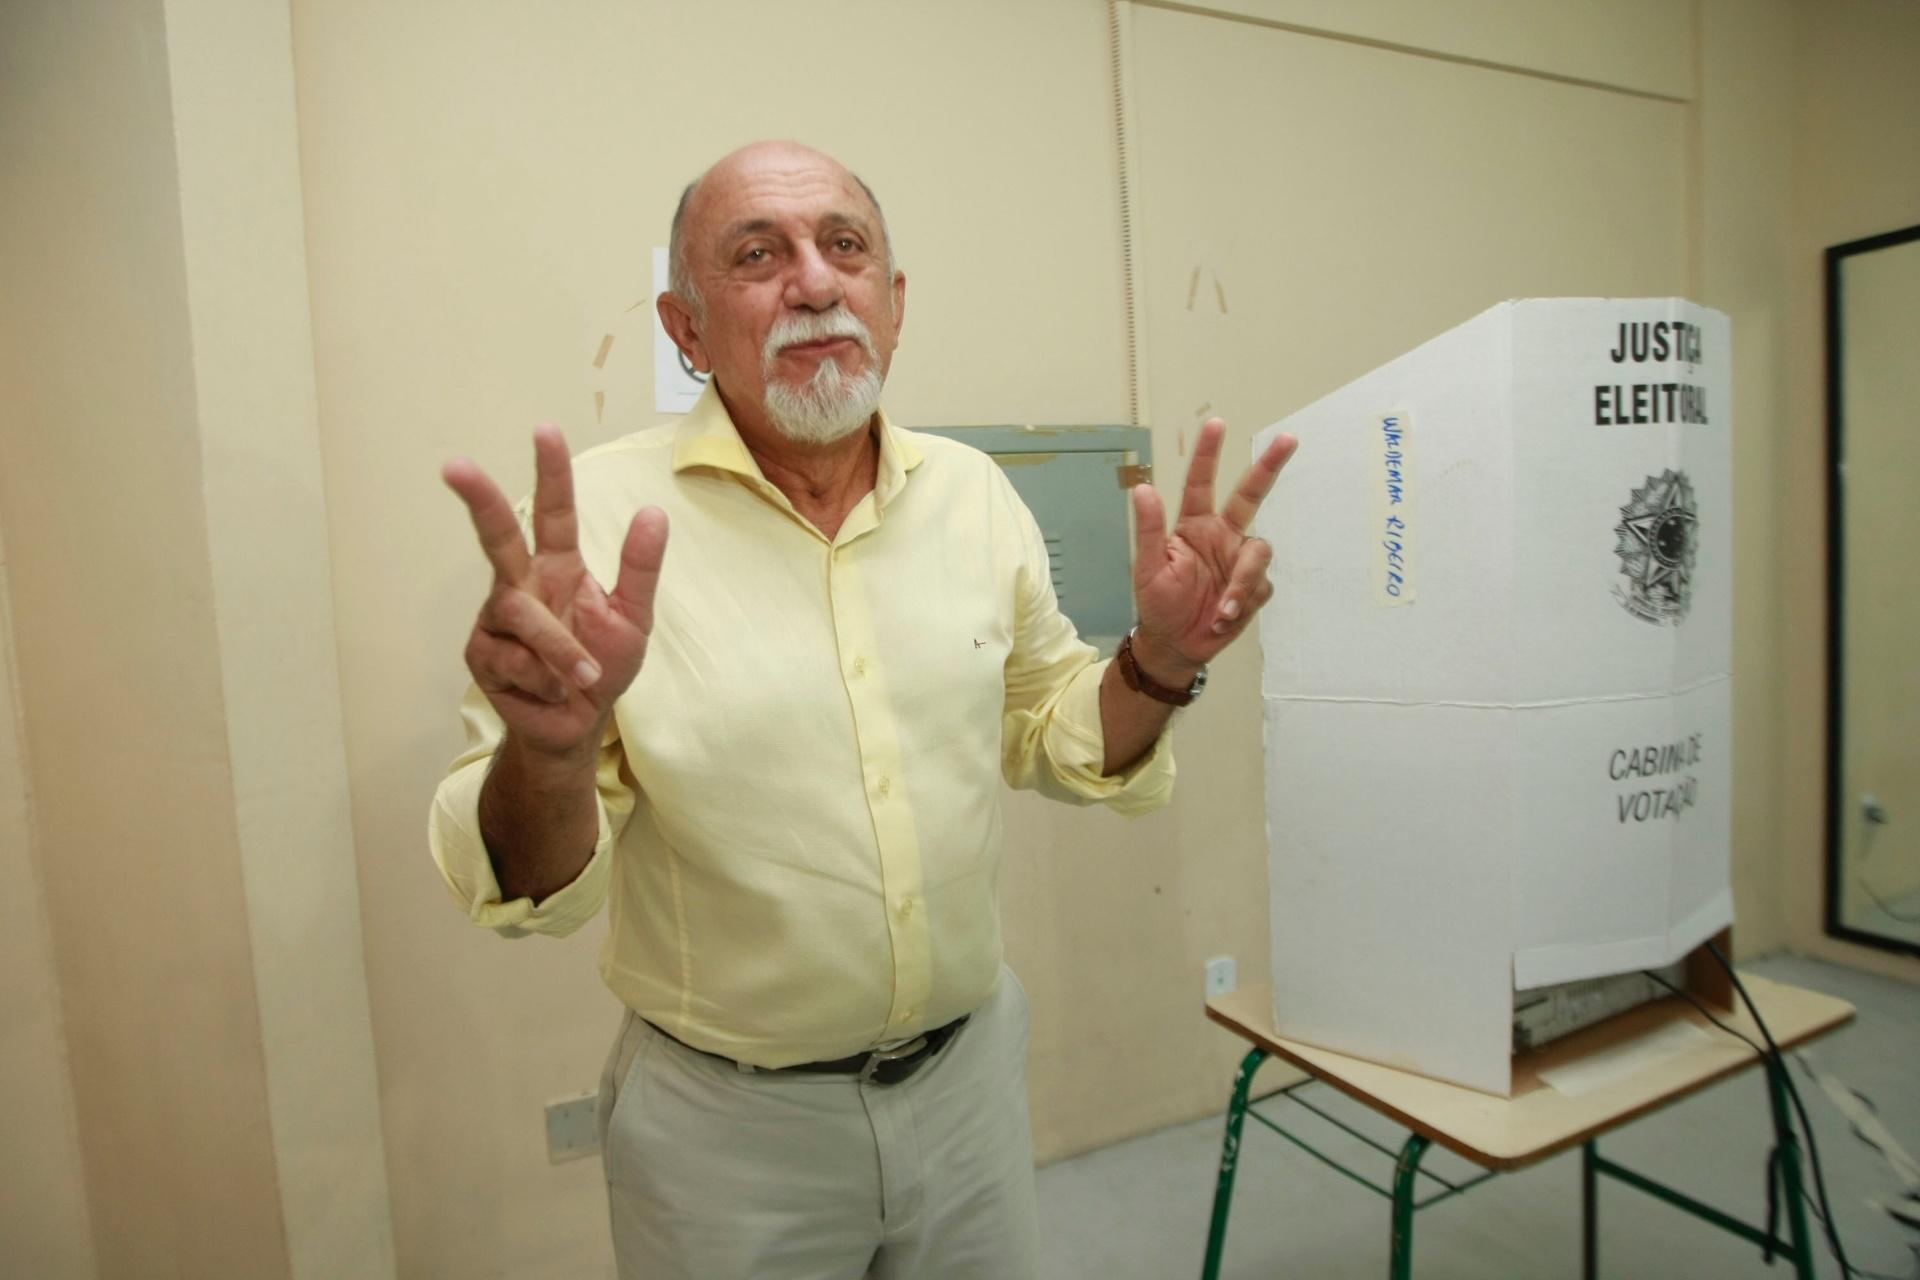 26.out.2014 - O governador do Pará e candidato a reeleição pelo PSDB, Simão Jatene, votou na manhã deste domingo (26) no bairro do Umarizal, em Belém. Jatene está empatado nas intenções de voto com o candidato do PMDB, Helder Barbalho, segundo a pesquisa Ibope